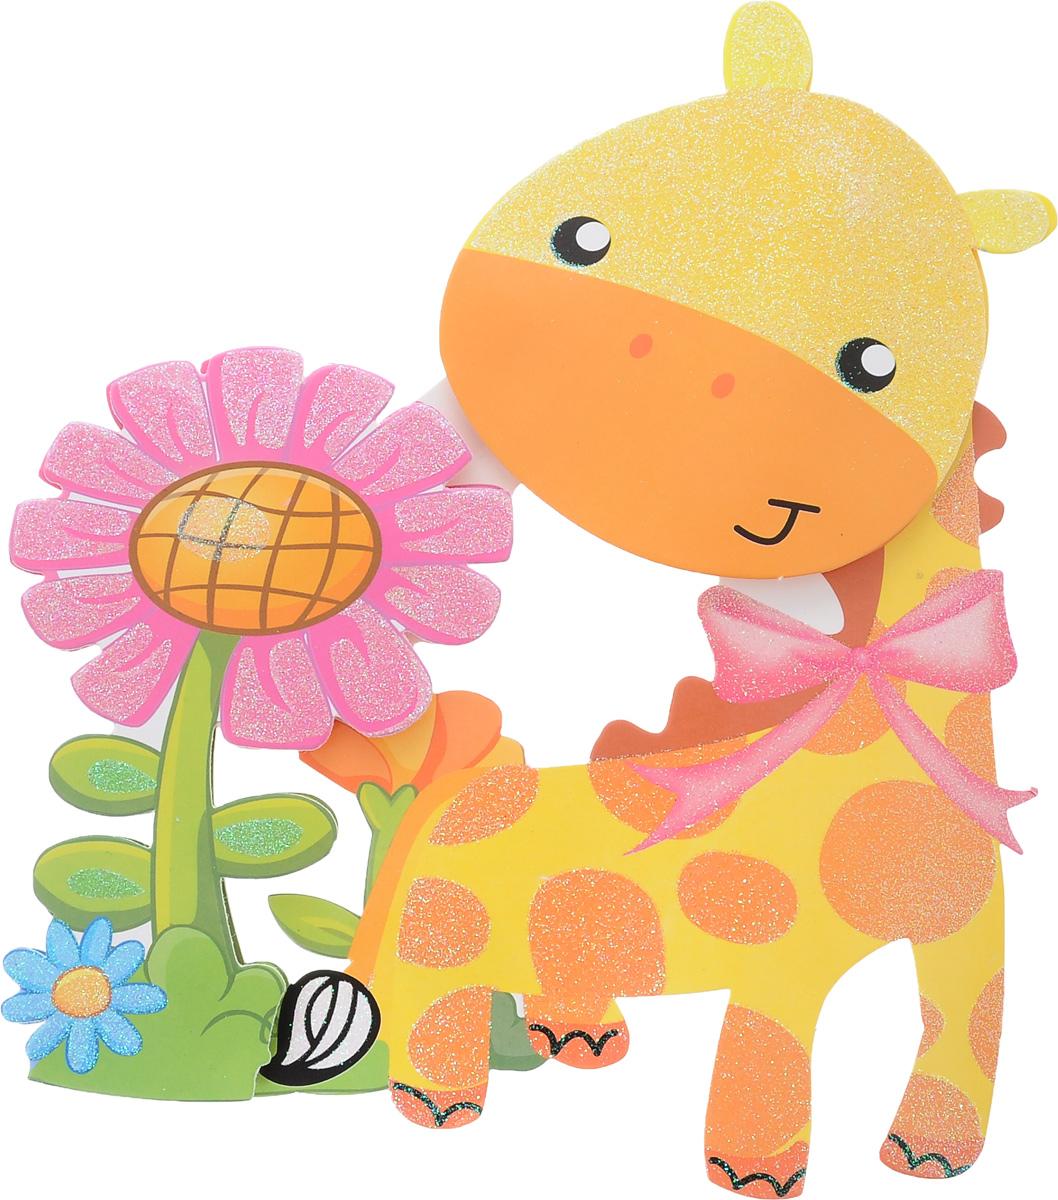 Наклейка декоративная Феникс-Презент Жираф, самоклеющаяся, 35,5 х 25 см31815Наклейка декоративная Феникс-Презент Жираф поможет украсить ваш дом. Наклейка выполнена в виде красочного жирафа. Декоративная наклейка Феникс Жираф многоразового использования. Выбрав новое место в доме, вы легко сможете переклеить наклейку снова. Наклейка прекрасно украсит стены, окна, двери, зеркала и другие поверхности. Создайте в своем доме атмосферу тепла, веселья и радости, украшая его всей семьей.